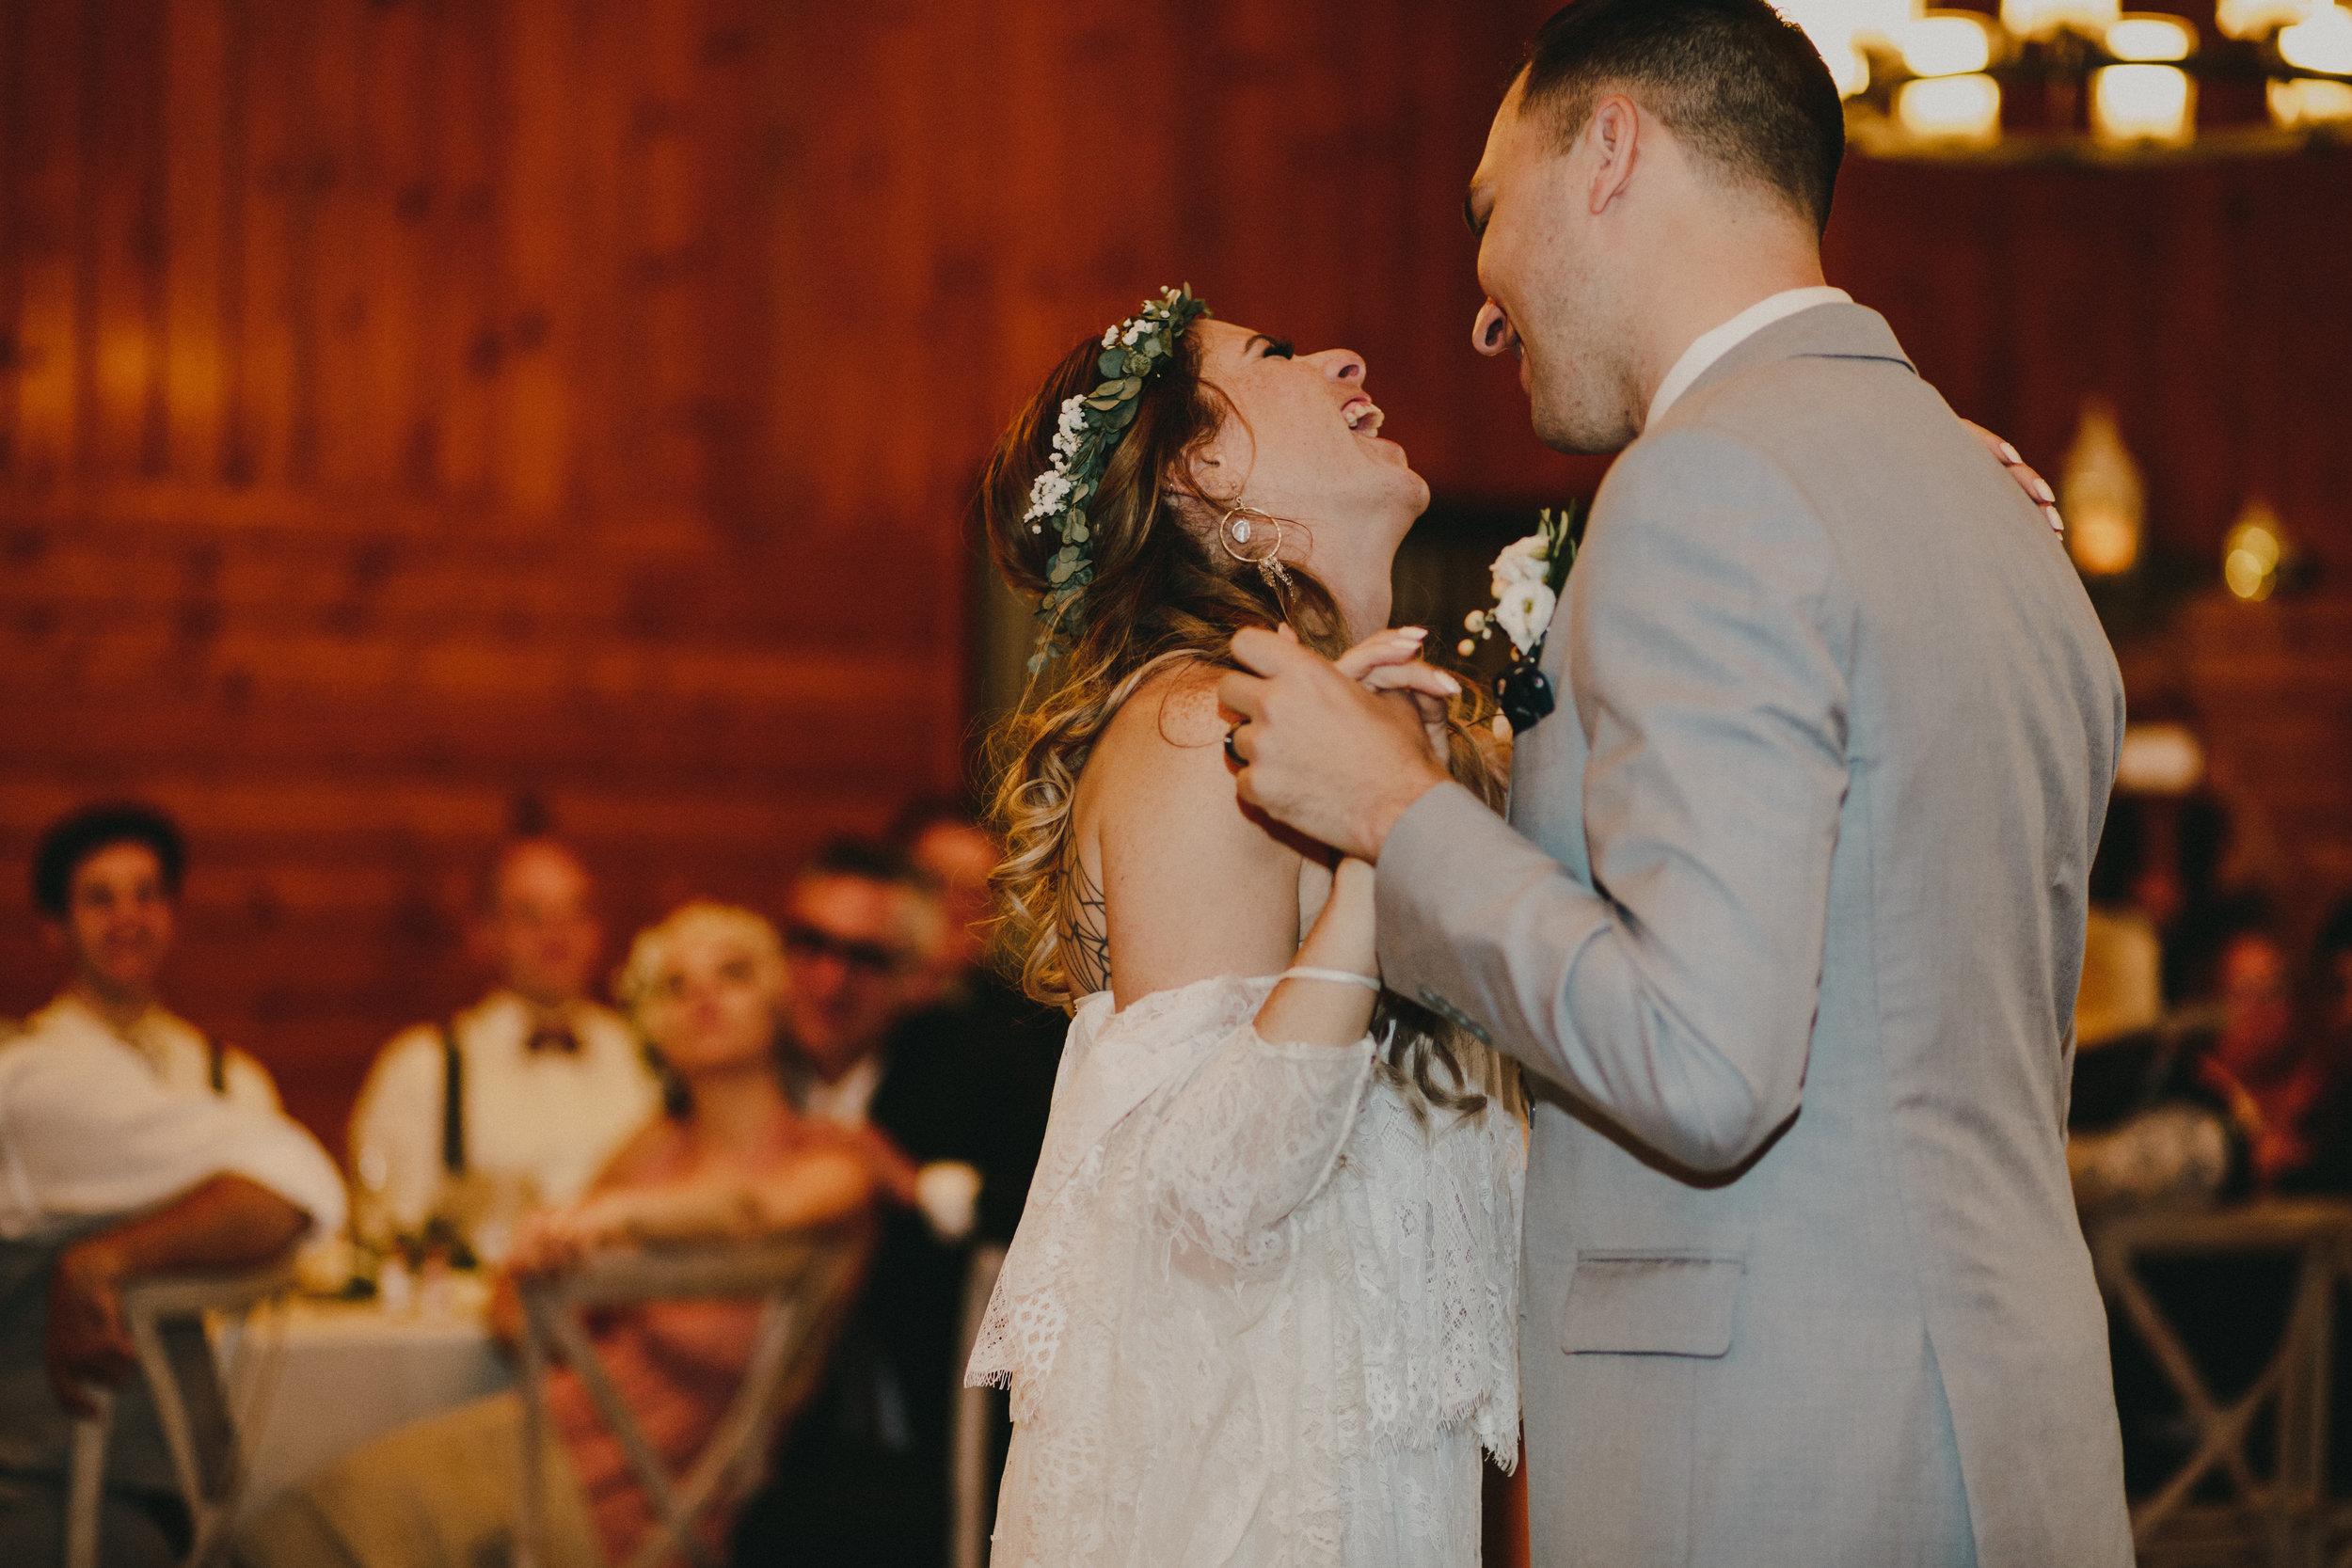 1310-20180616-Amanda_Brett_Catskills_Summer_Boho_Wedding.jpg